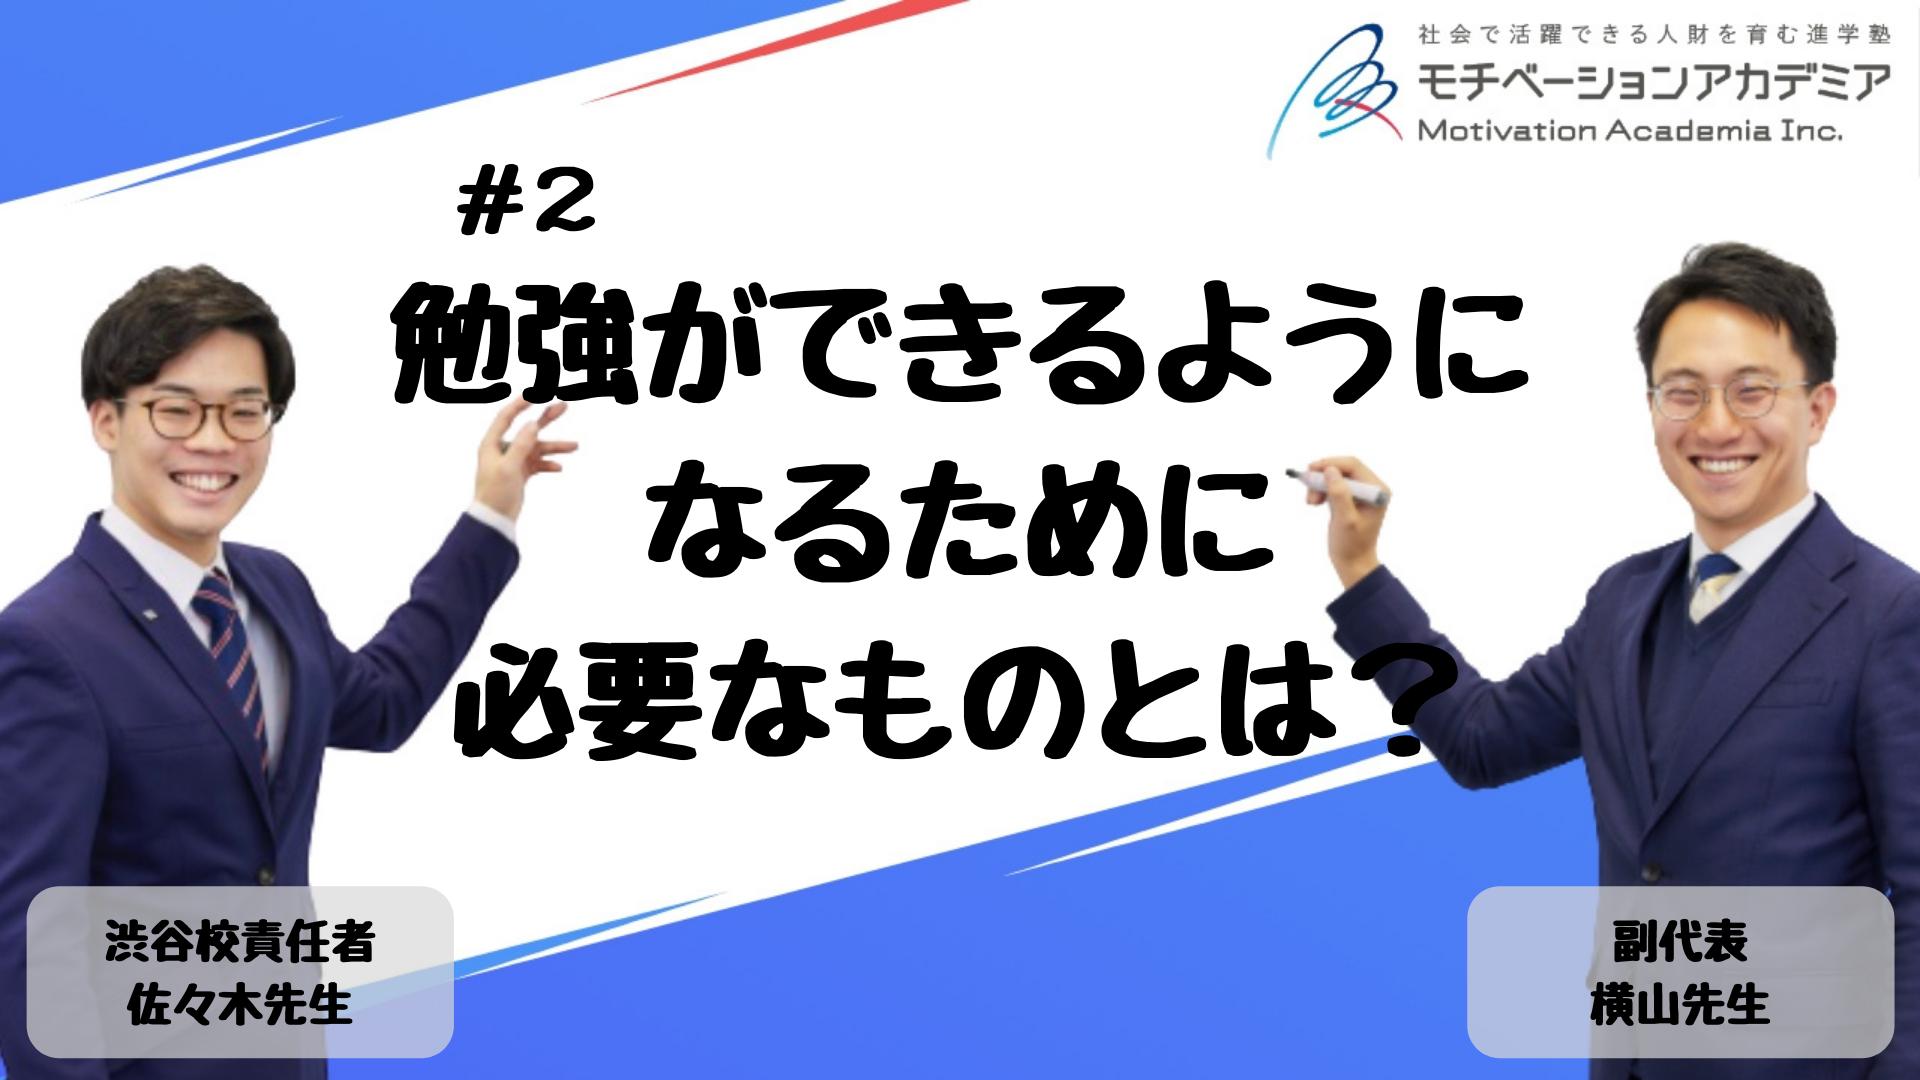 【動画】#2 「勉強ができる」ようになるために必要なものは?